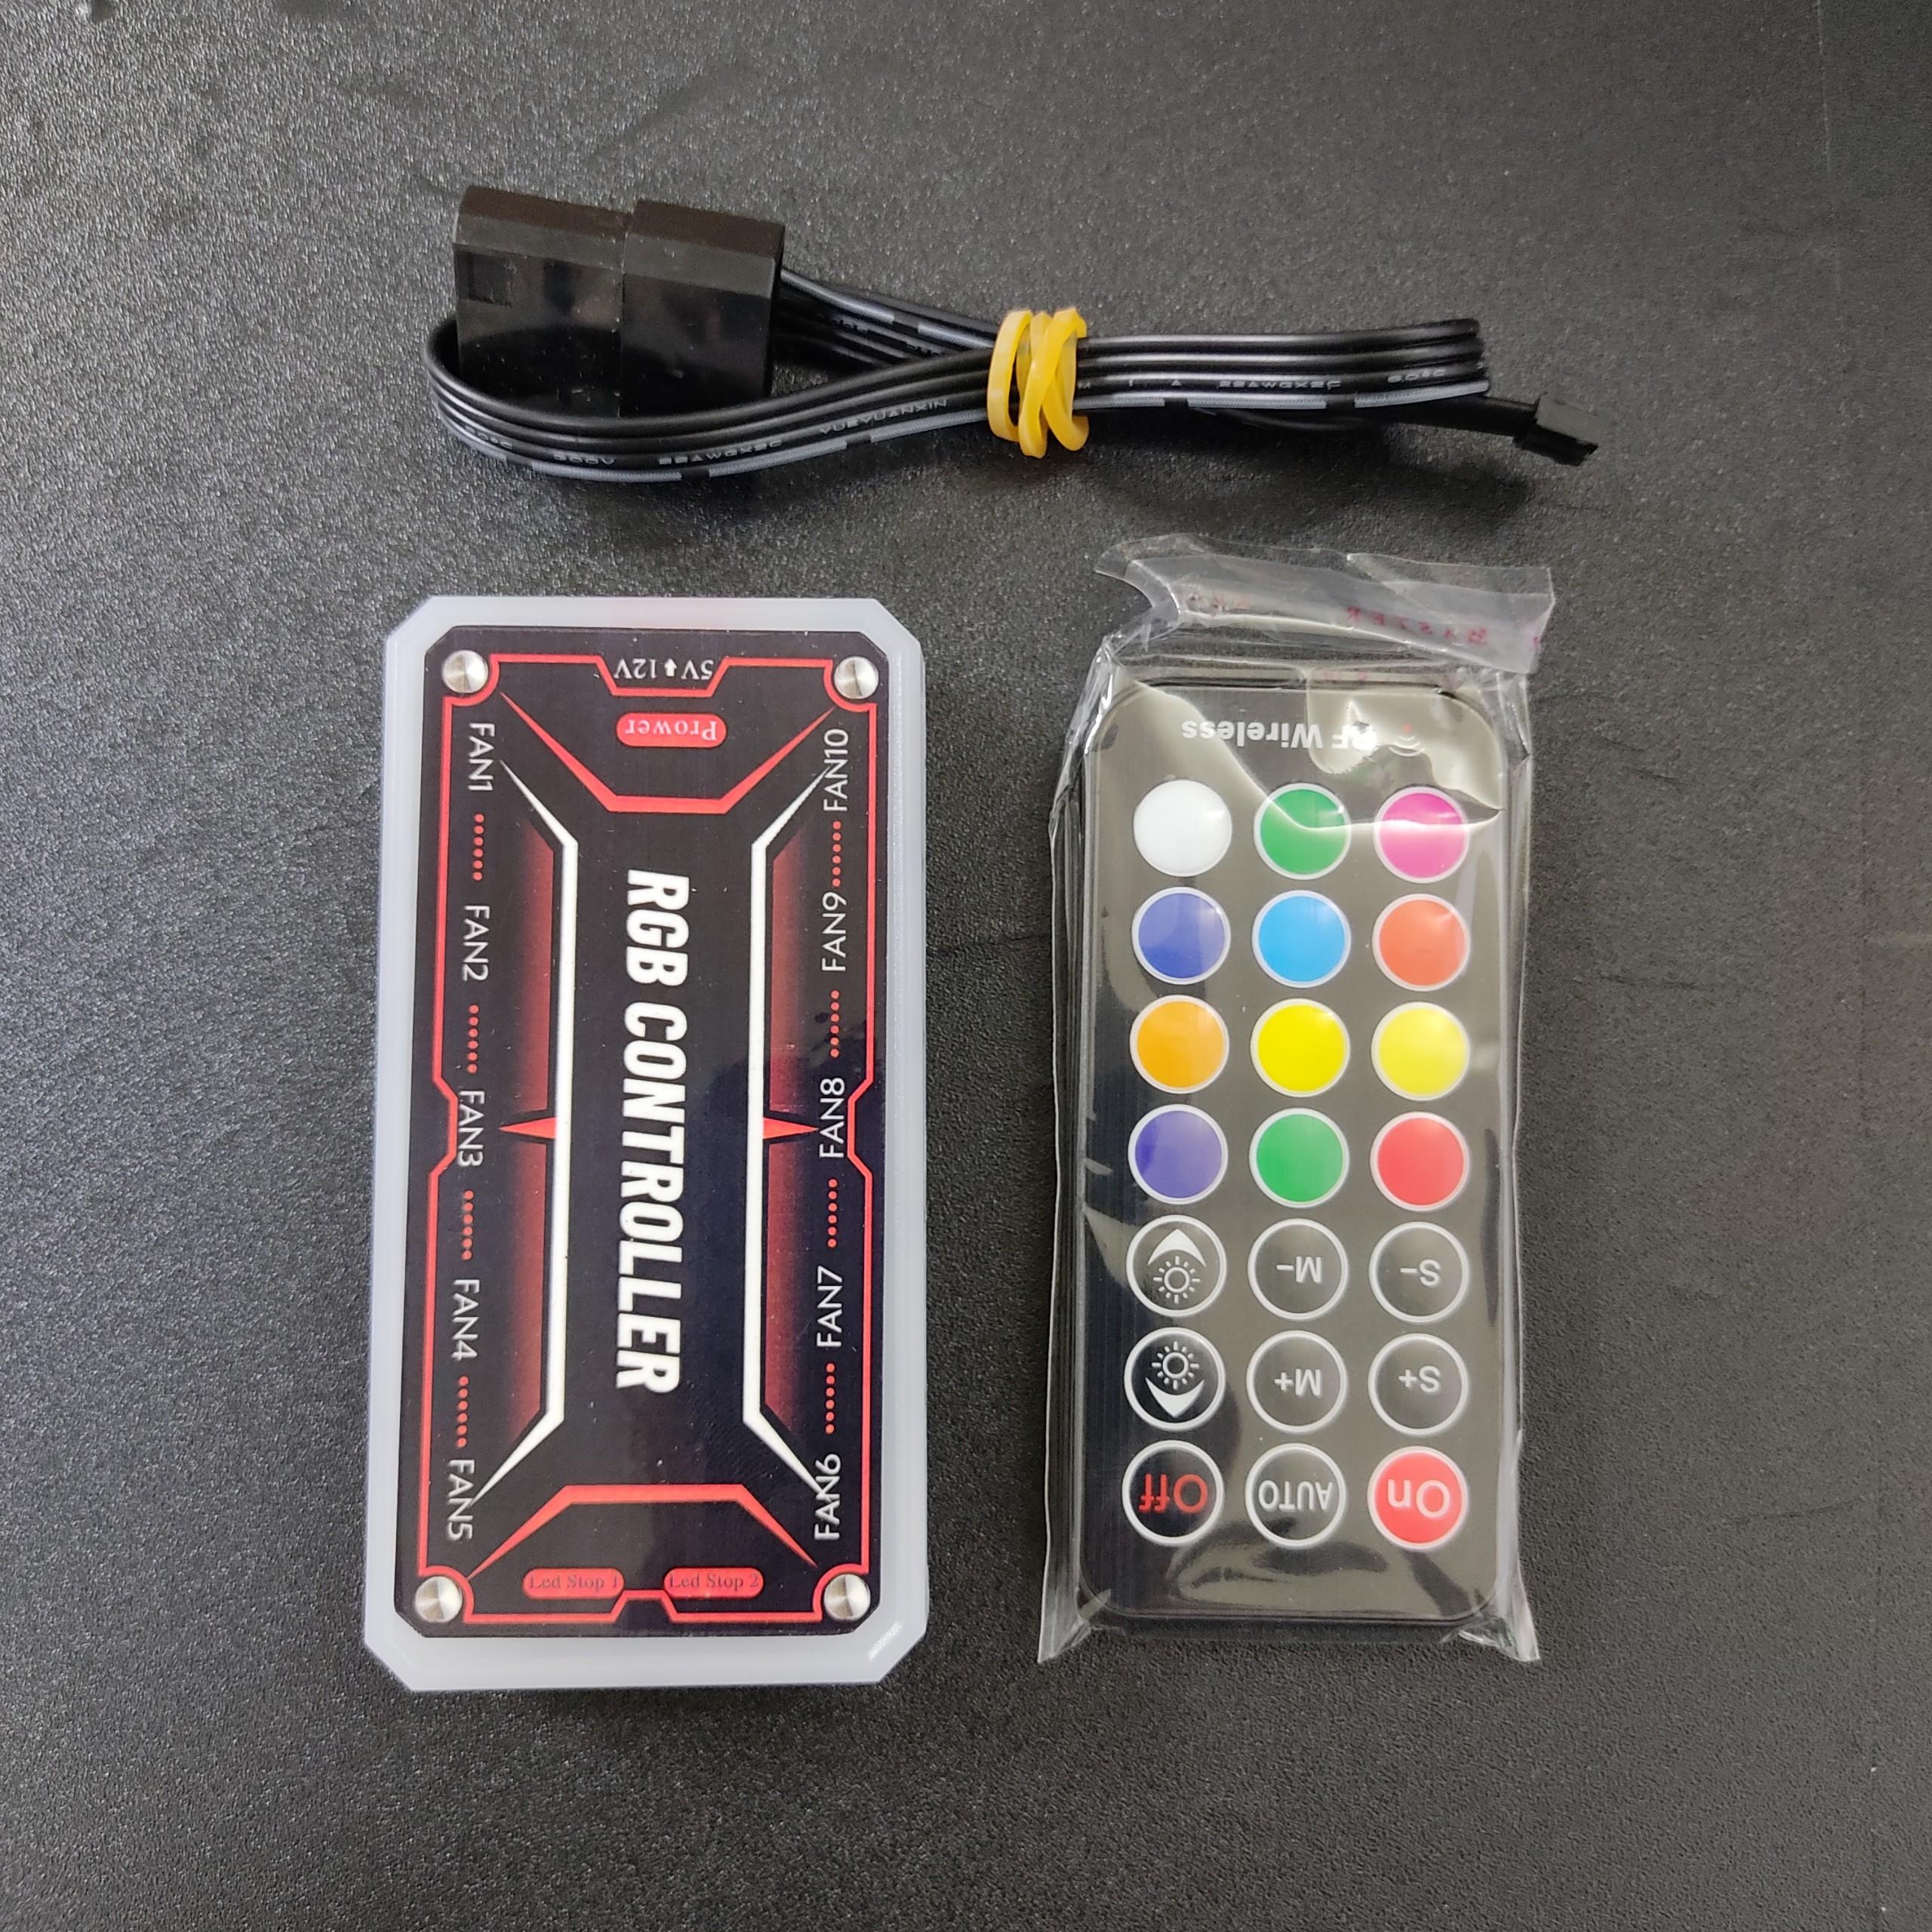 Bộ hub điều khiển quạt tản nhiệt RGB 5v ARGB, đồng bộ màu hệ thống quạt tản nhiệt